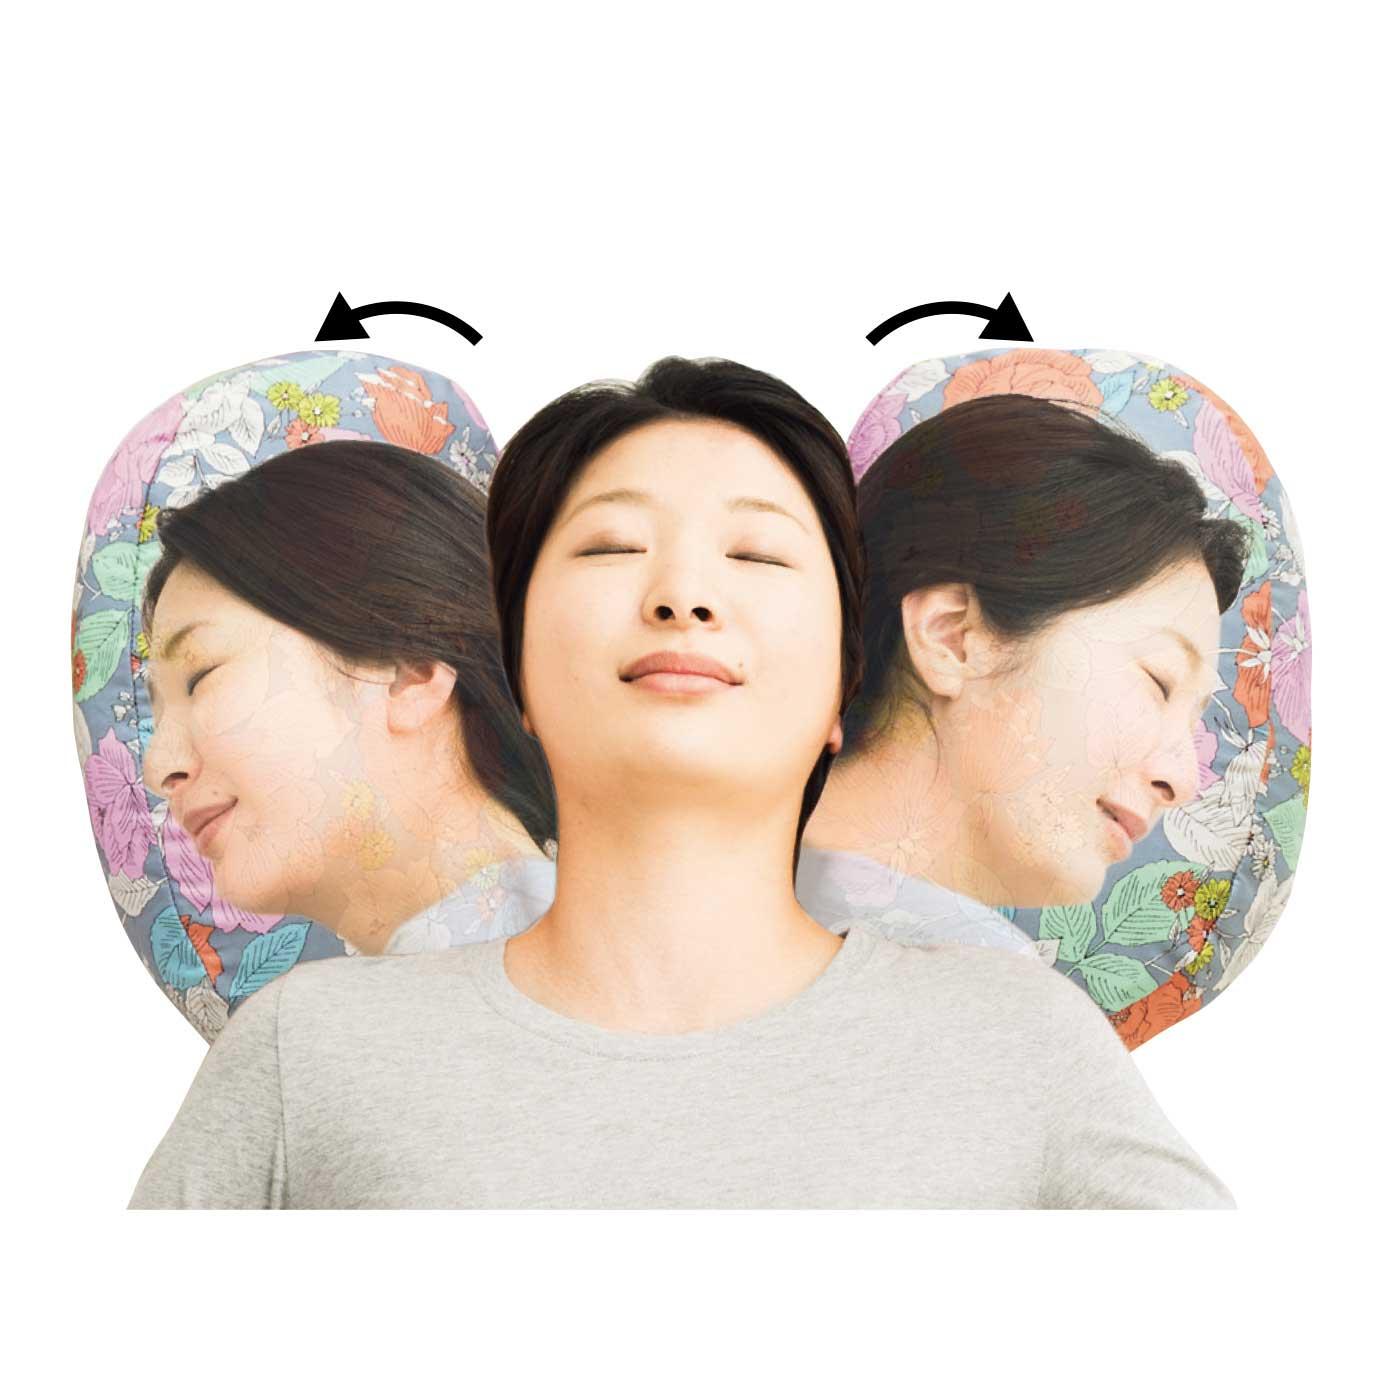 あおむけ、横向きに対応して寝姿勢を自然にサポートします。